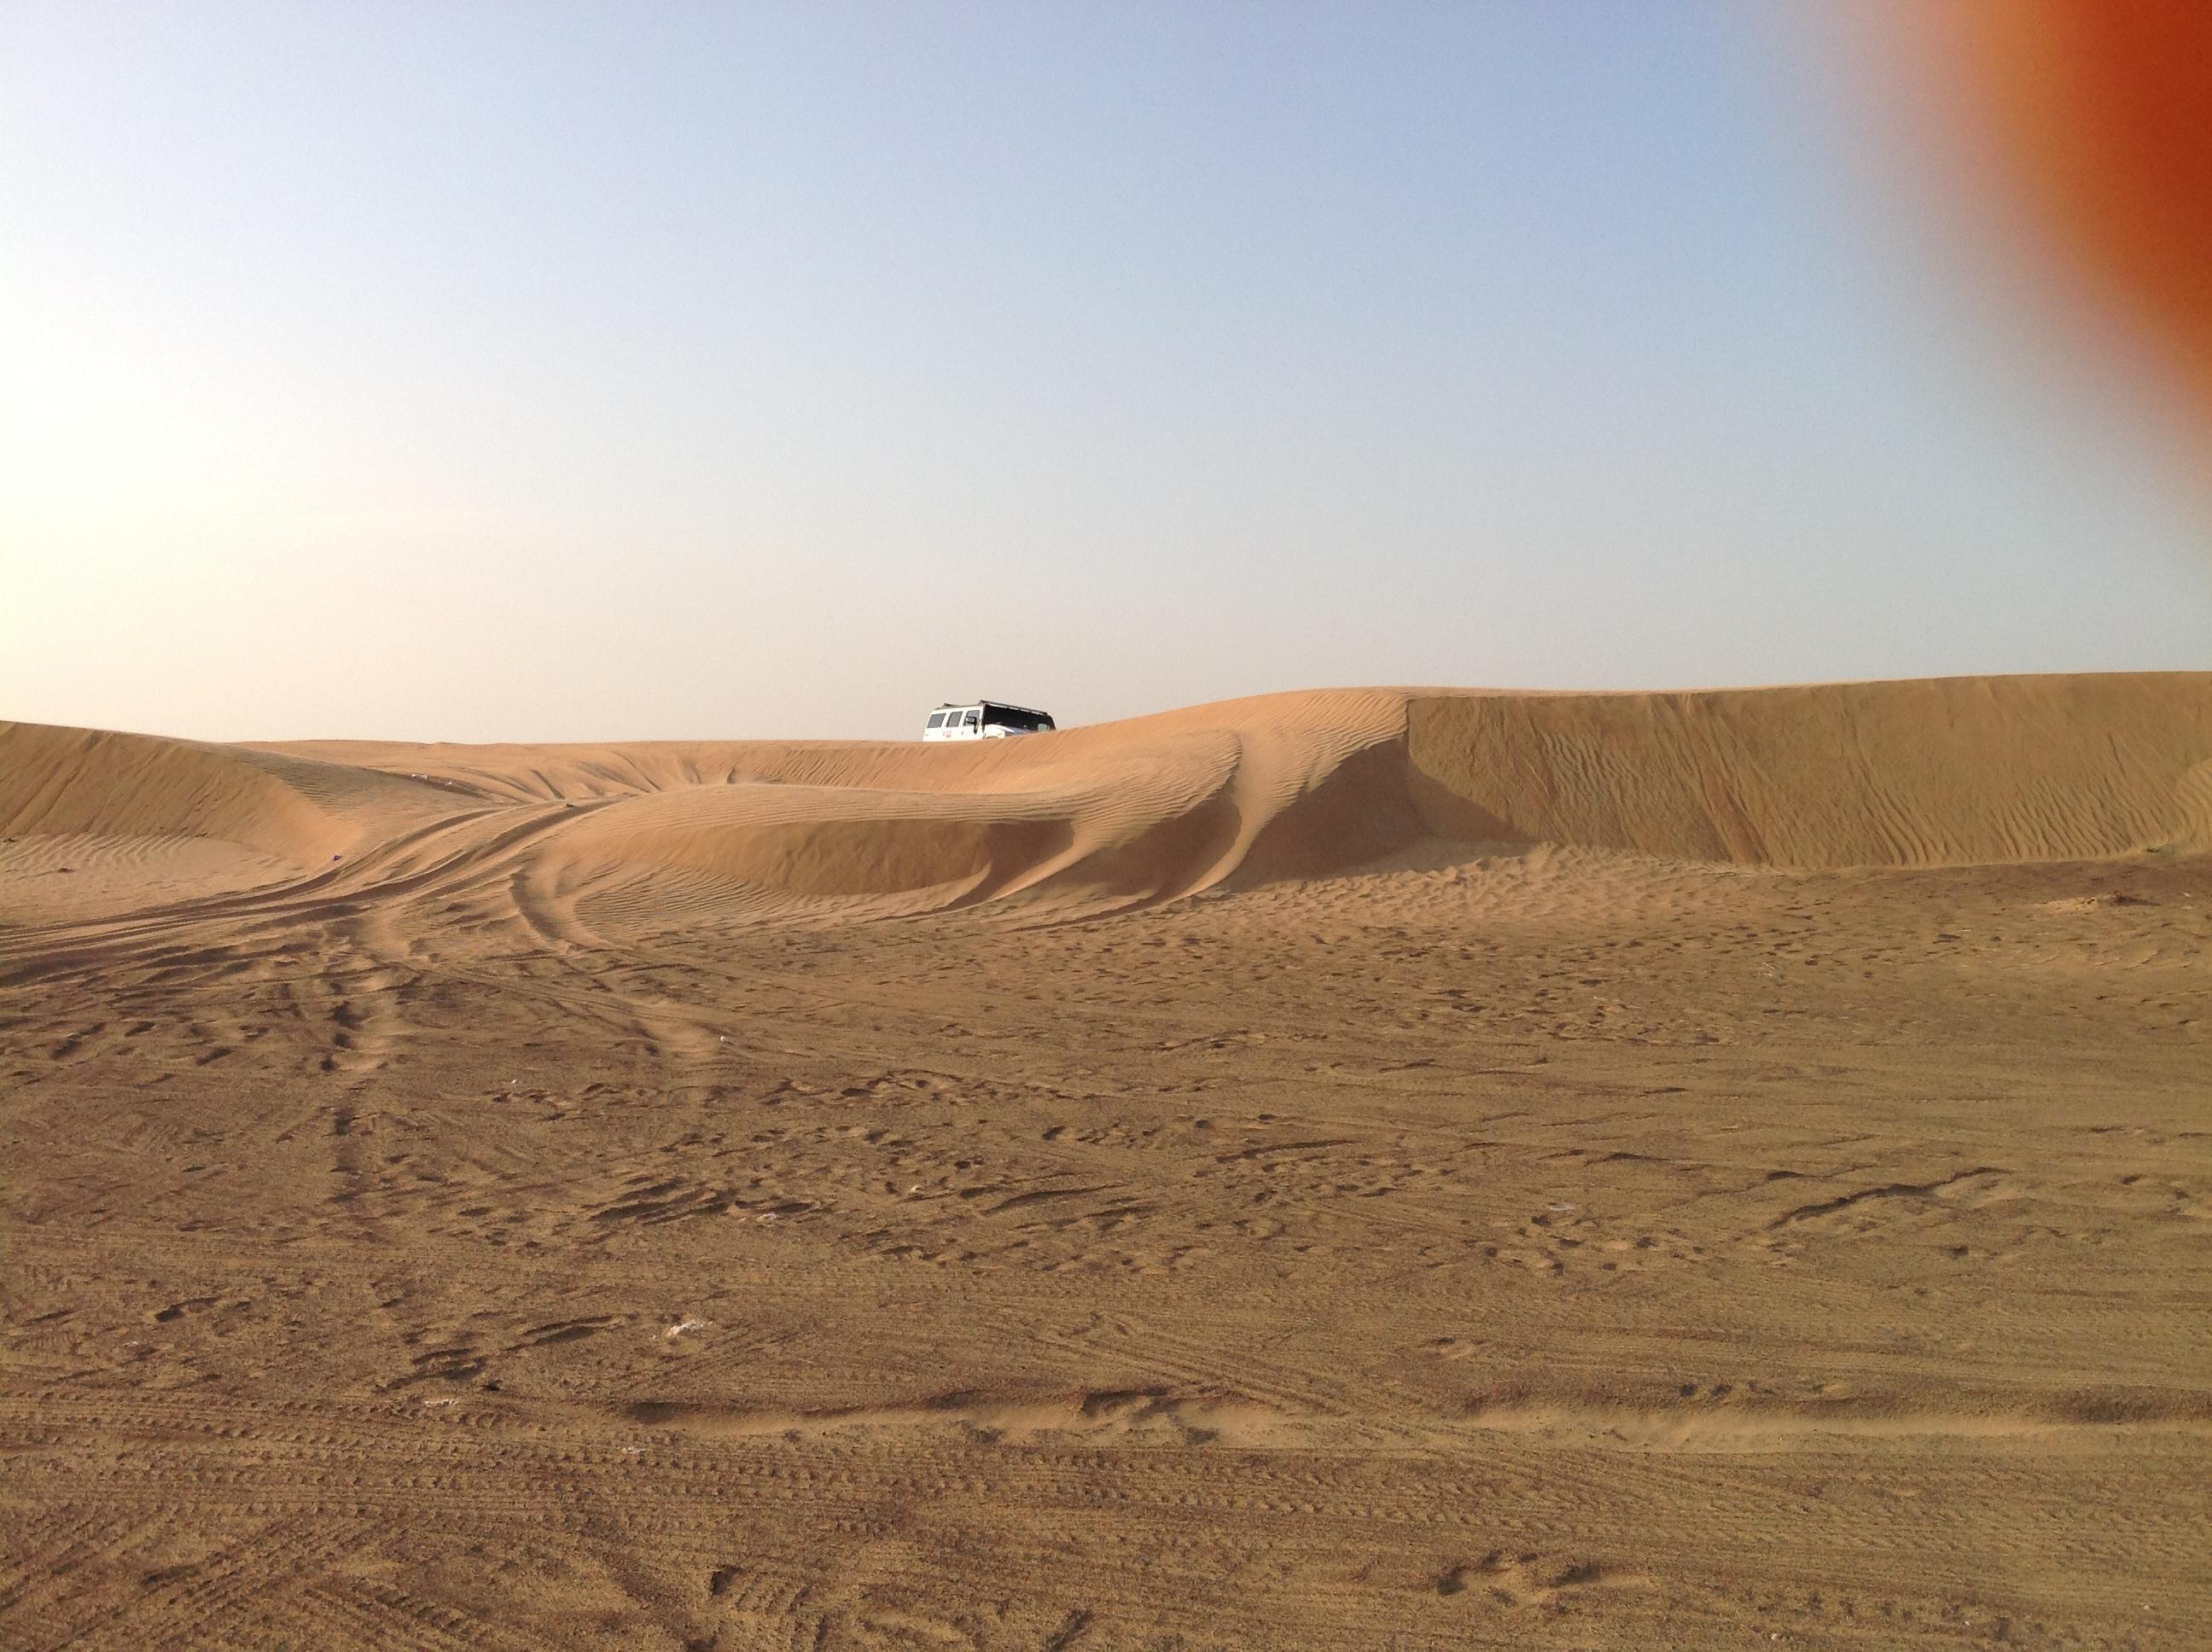 漠海狂奢之迪拜6天3晚跟团游<【五星】精致之旅 EK 阿联酋航空>